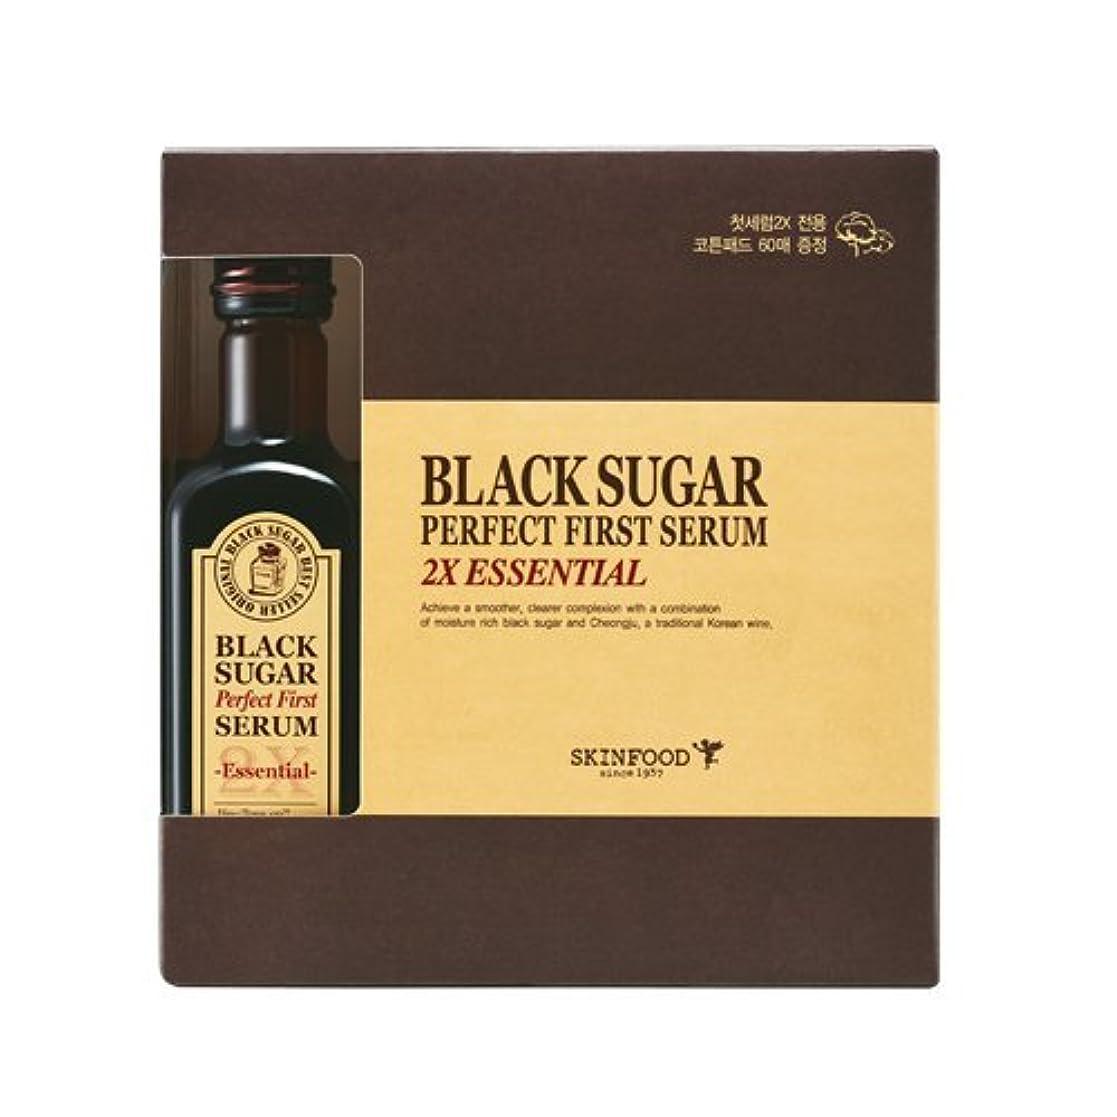 州職業あからさま(SKINFOOD スキンフード)Black Sugar Perfect First Serum 2X ?essential- ブラックシュガー パーフェクトファーストセラム2X skin-brightening and...